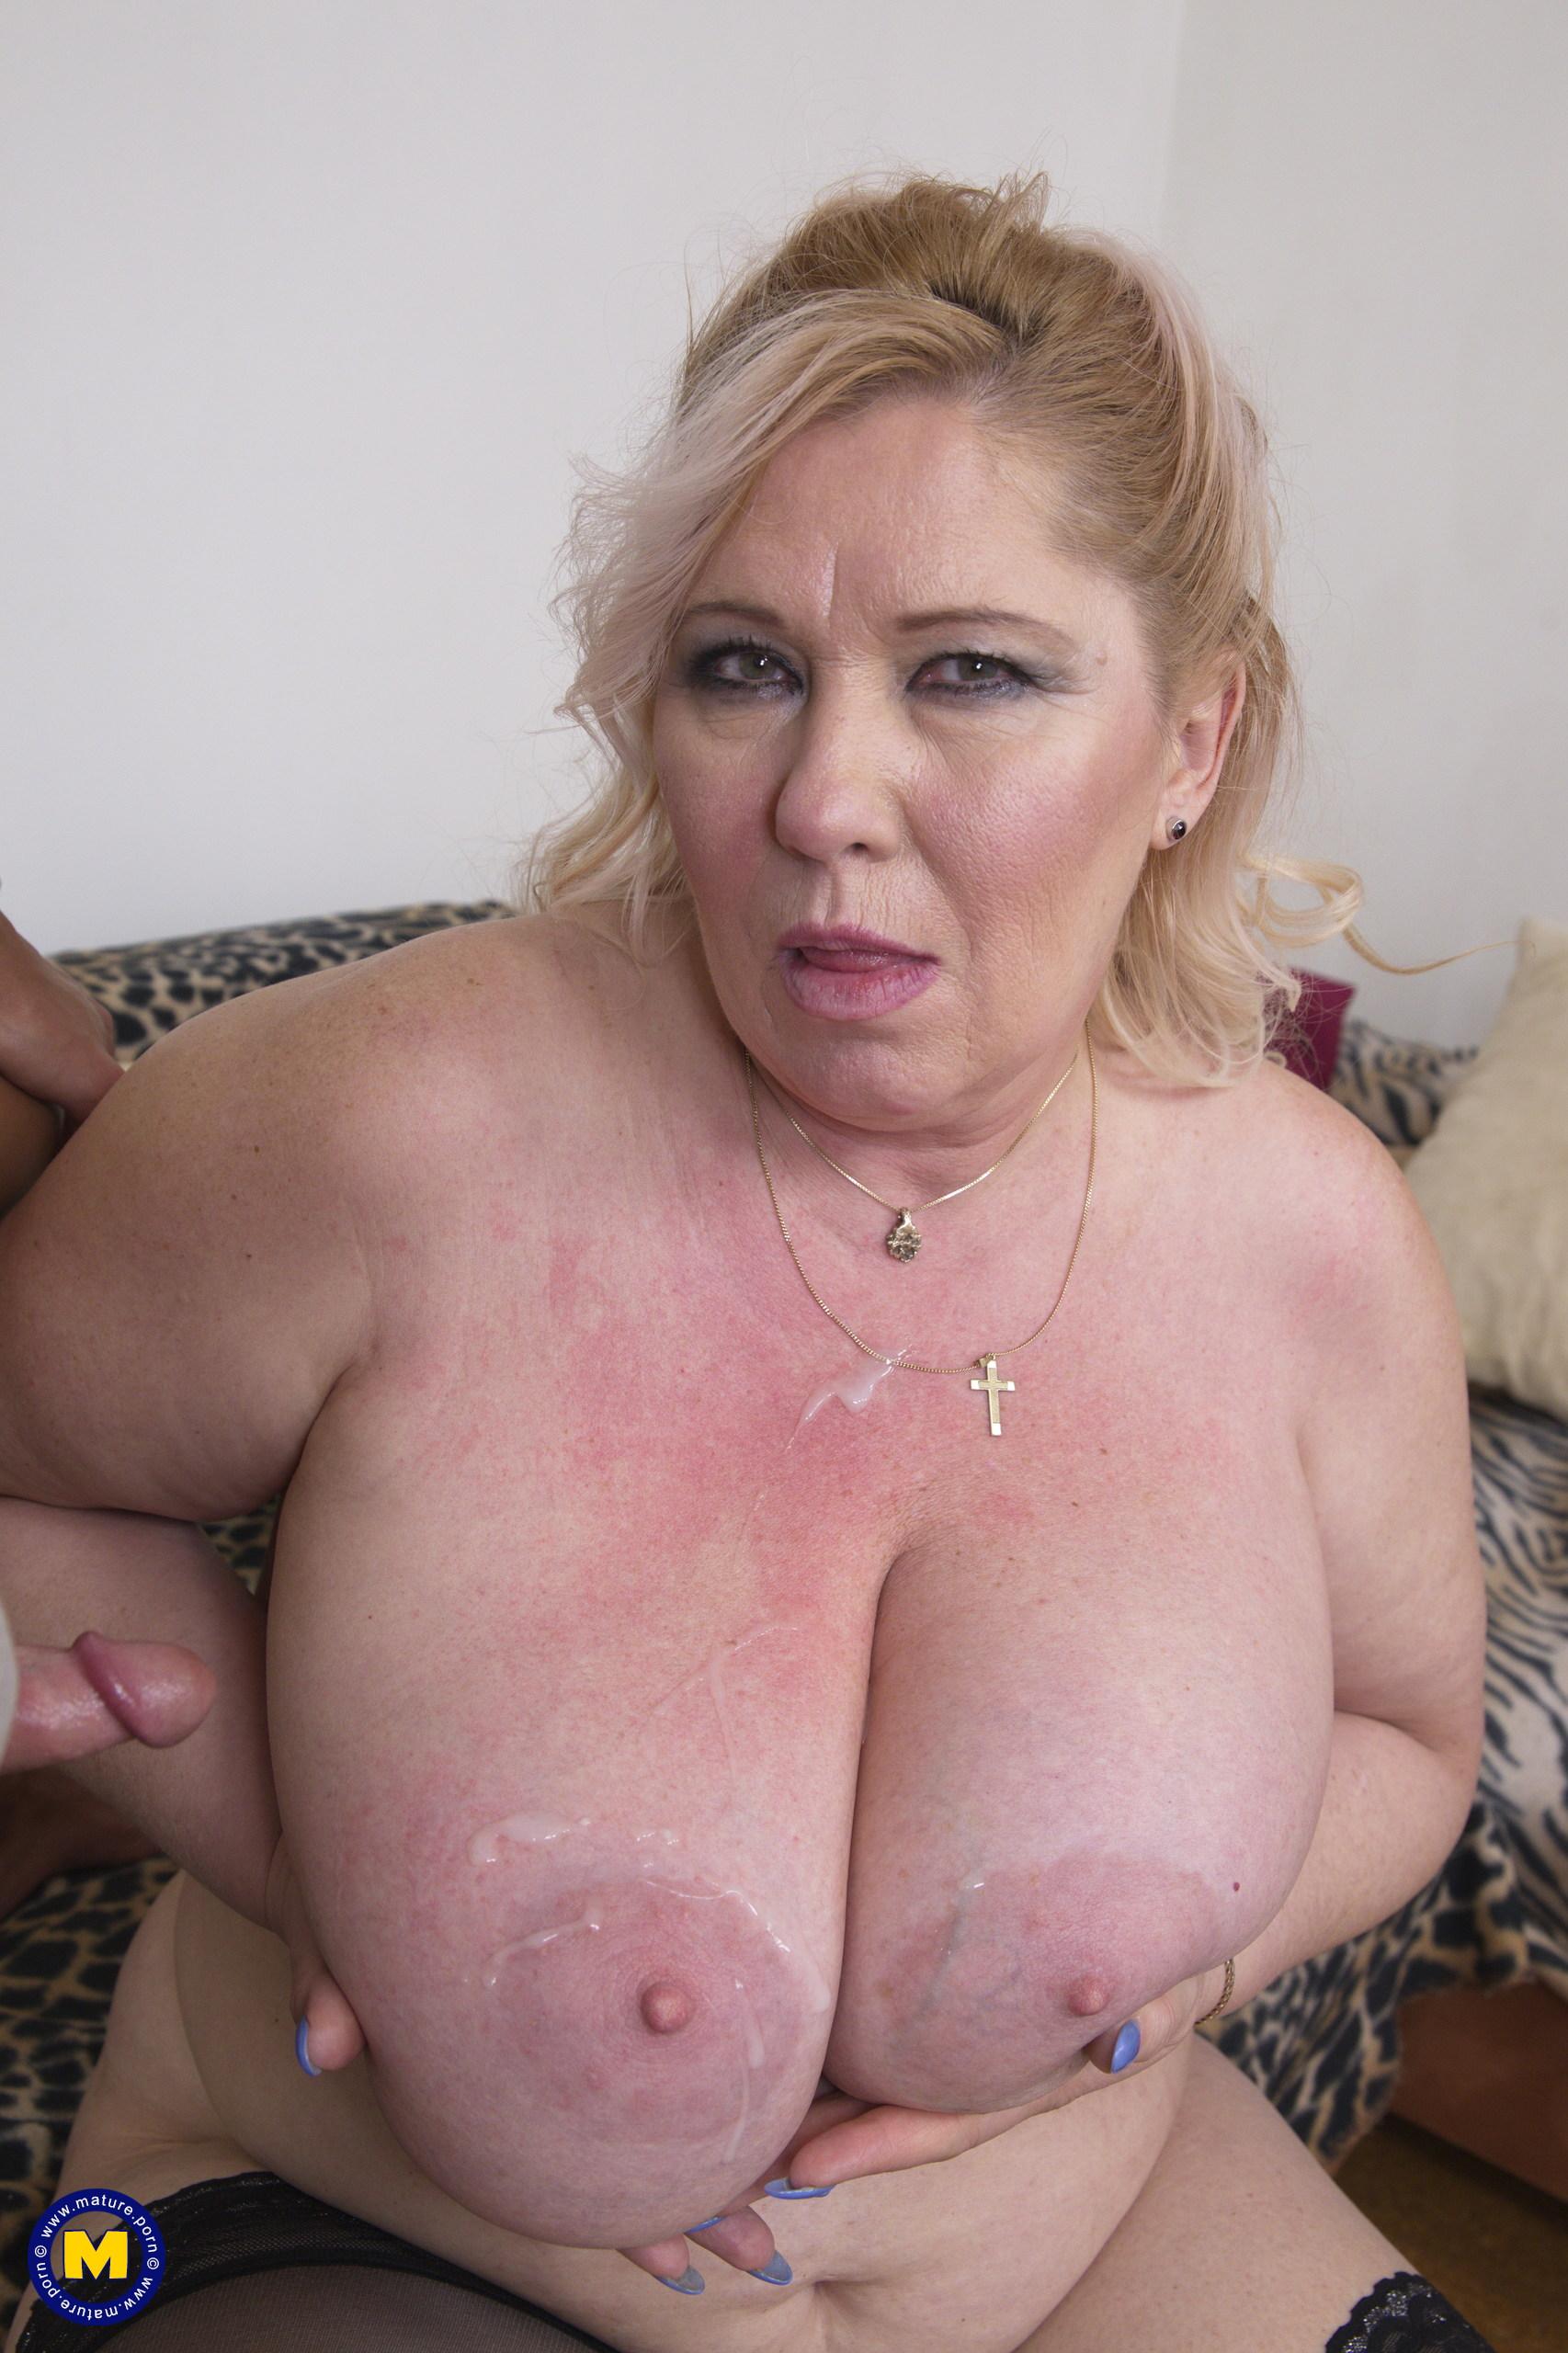 Chubby nackt sexy chubby Curves